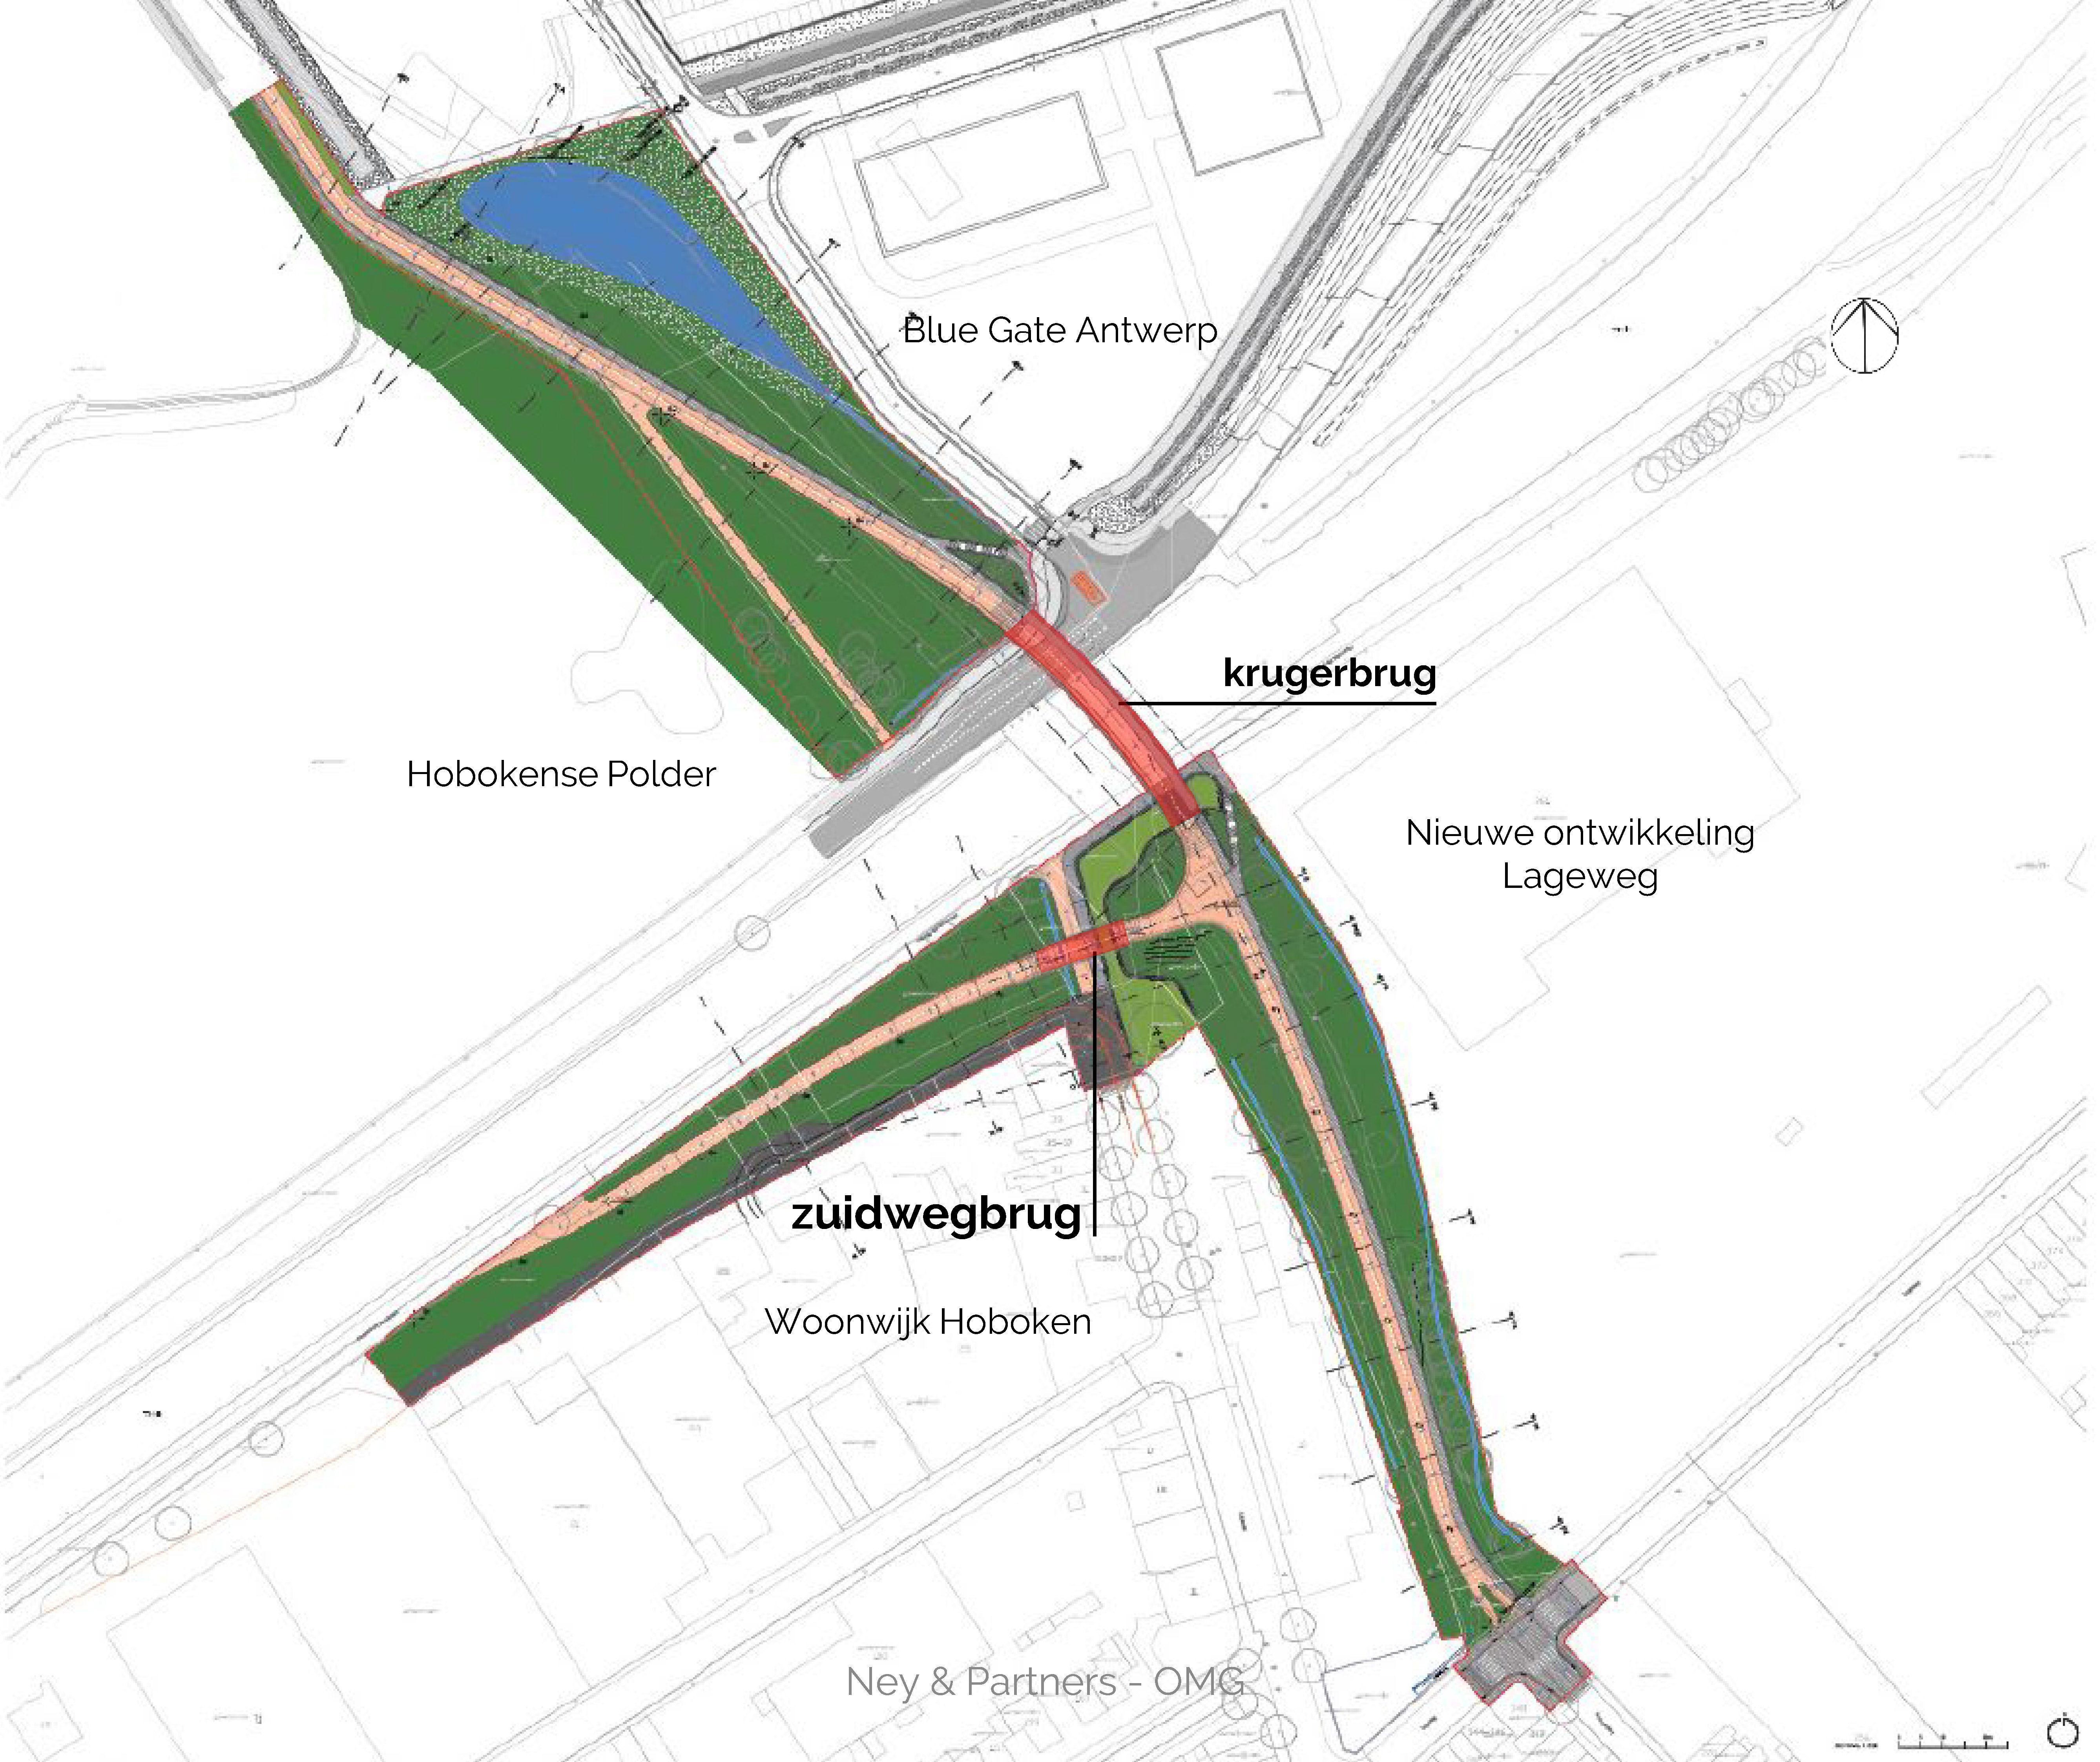 Grondplan van de nieuwe Krugerbrug en Zuidwegbrug.